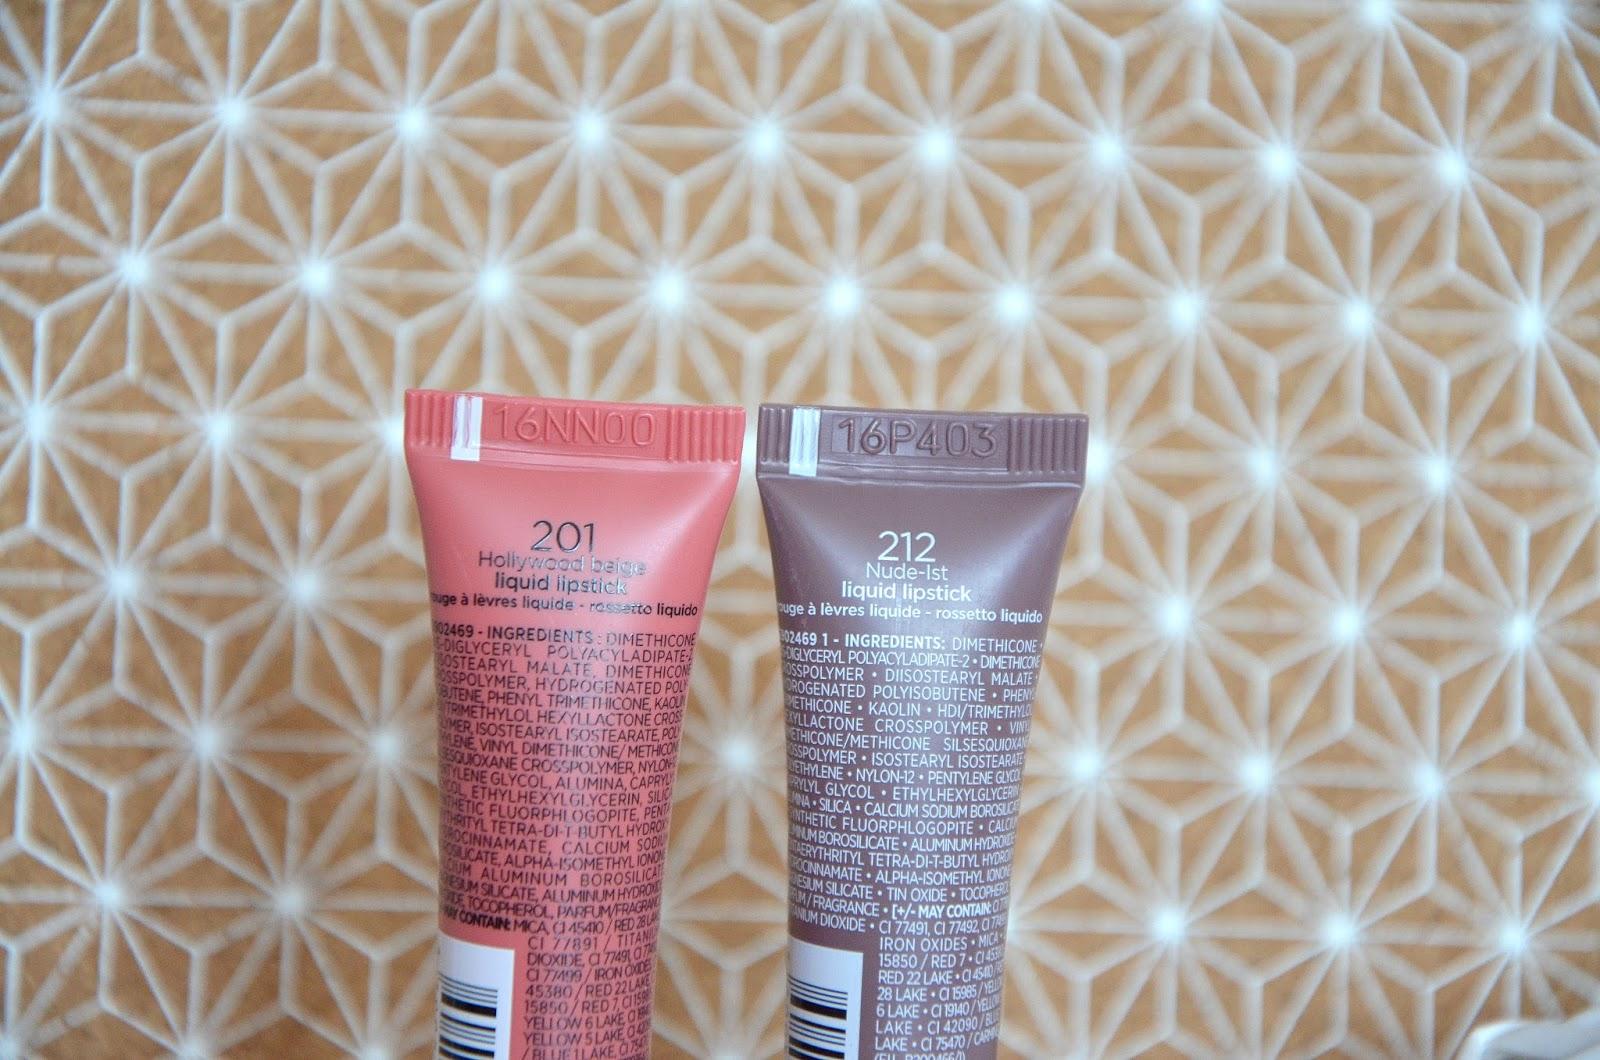 Rouges à lèvres infaillible lip paint matte 201 hollywood beige & 212 nude-ist L'Oréal Paris